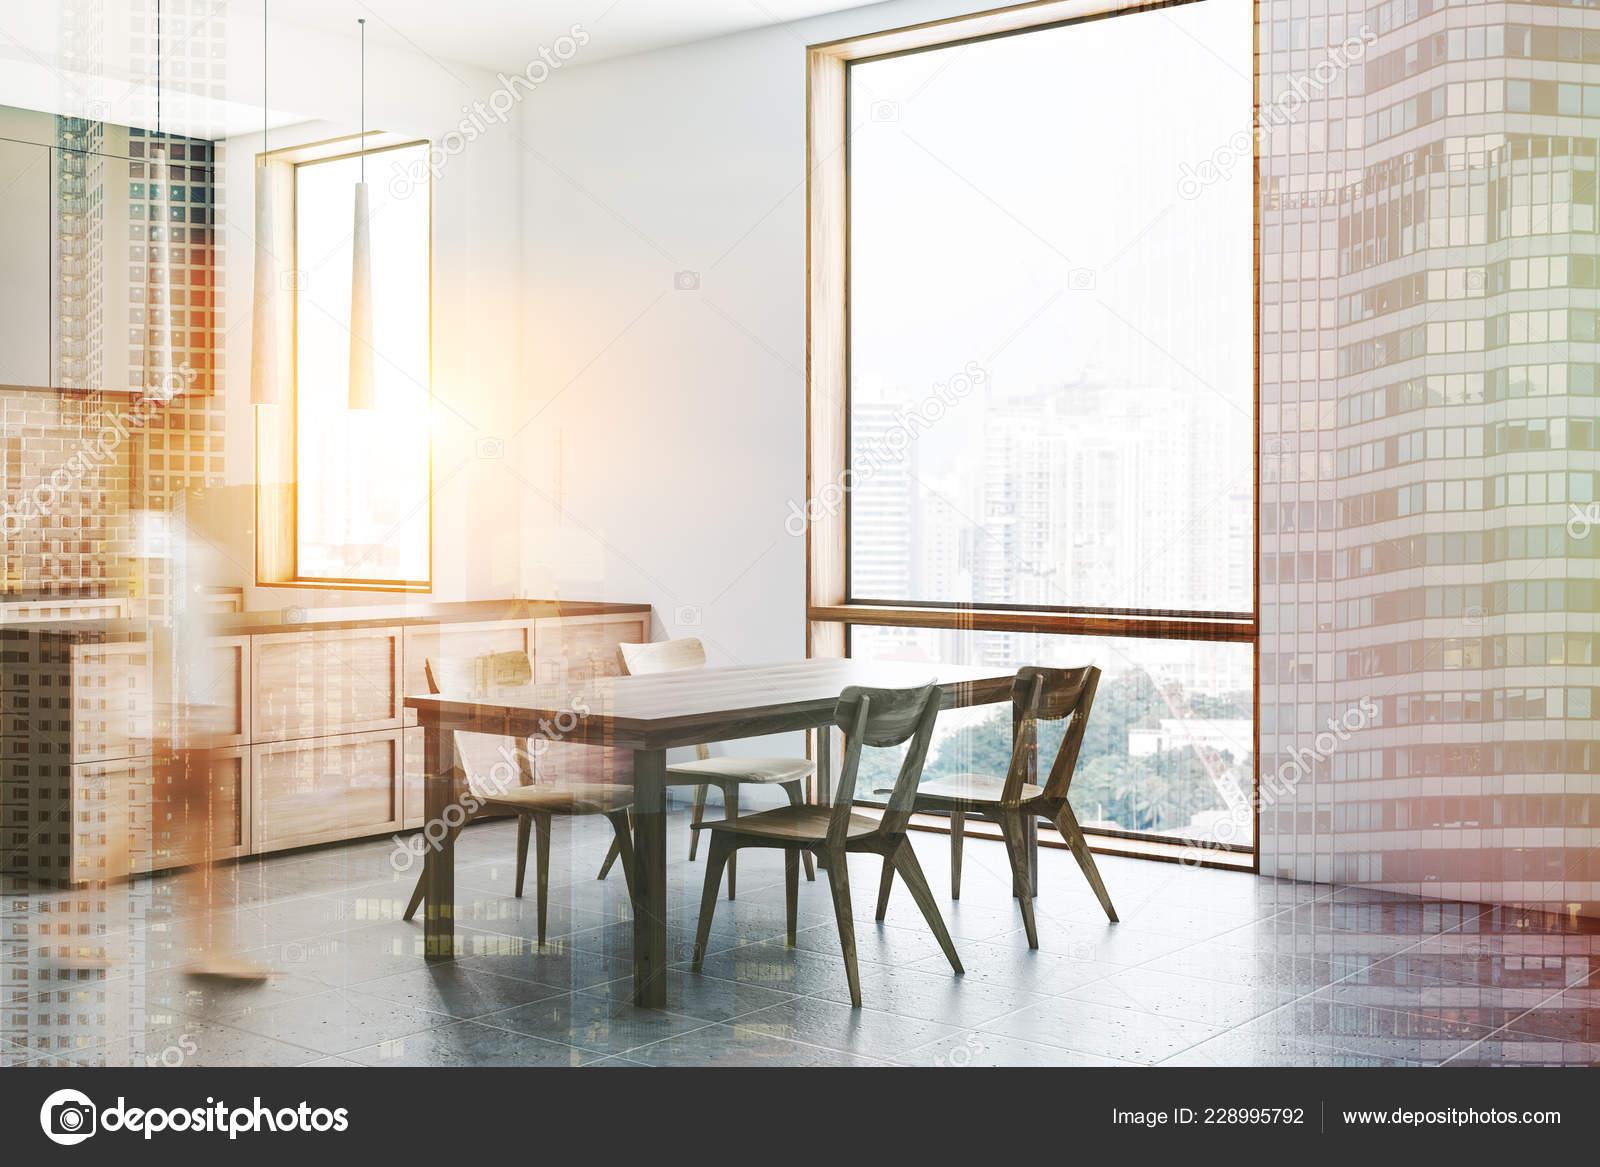 fe93393f7c9b Mujer en la esquina de la cocina moderna con paredes de ladrillo y blanco,  azulejos piso, mesada gris y madera y gris y madera de la barra con  taburetes.